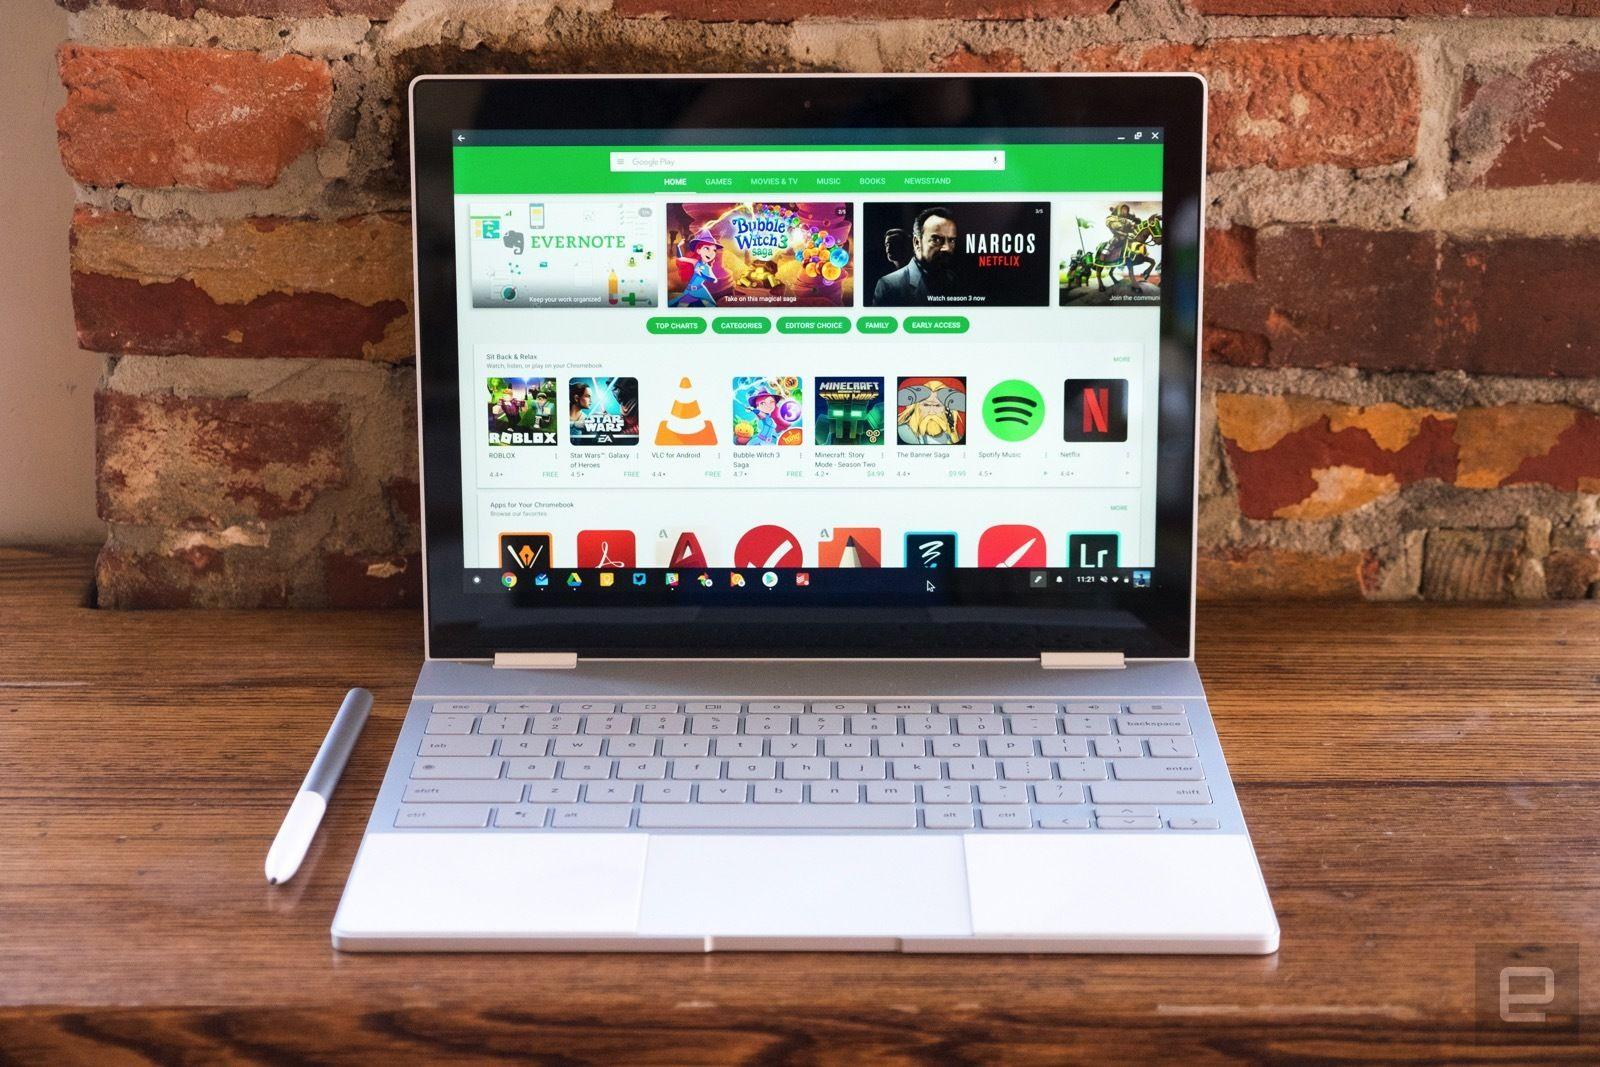 بررسی و نقد تخصصی لپتاپ Pixelbook Go گوگل: کارکرد برتر از فرم